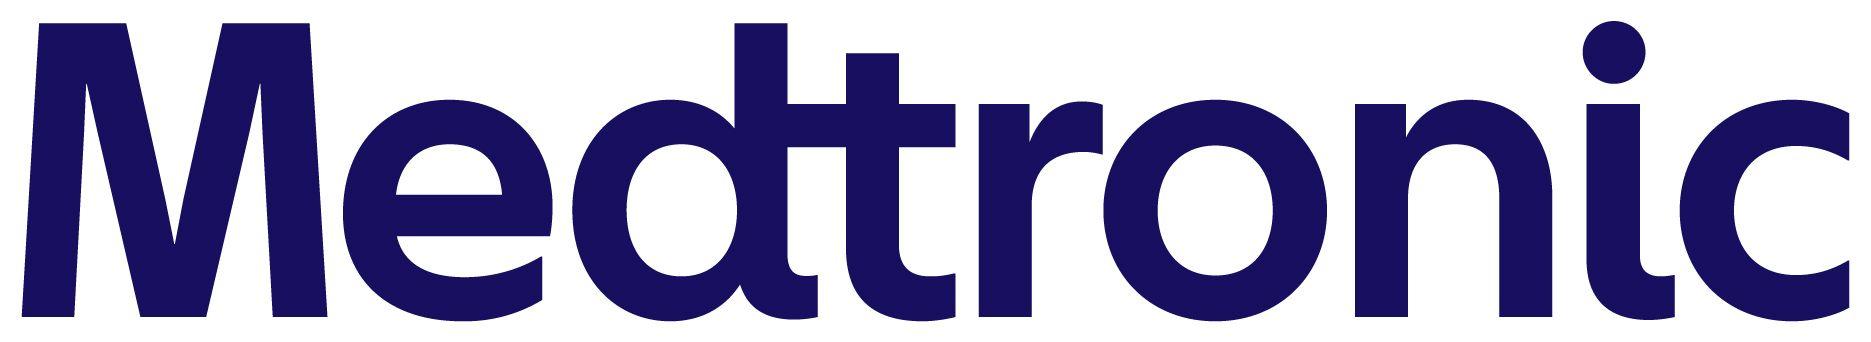 Medtronic (UK) Ltd